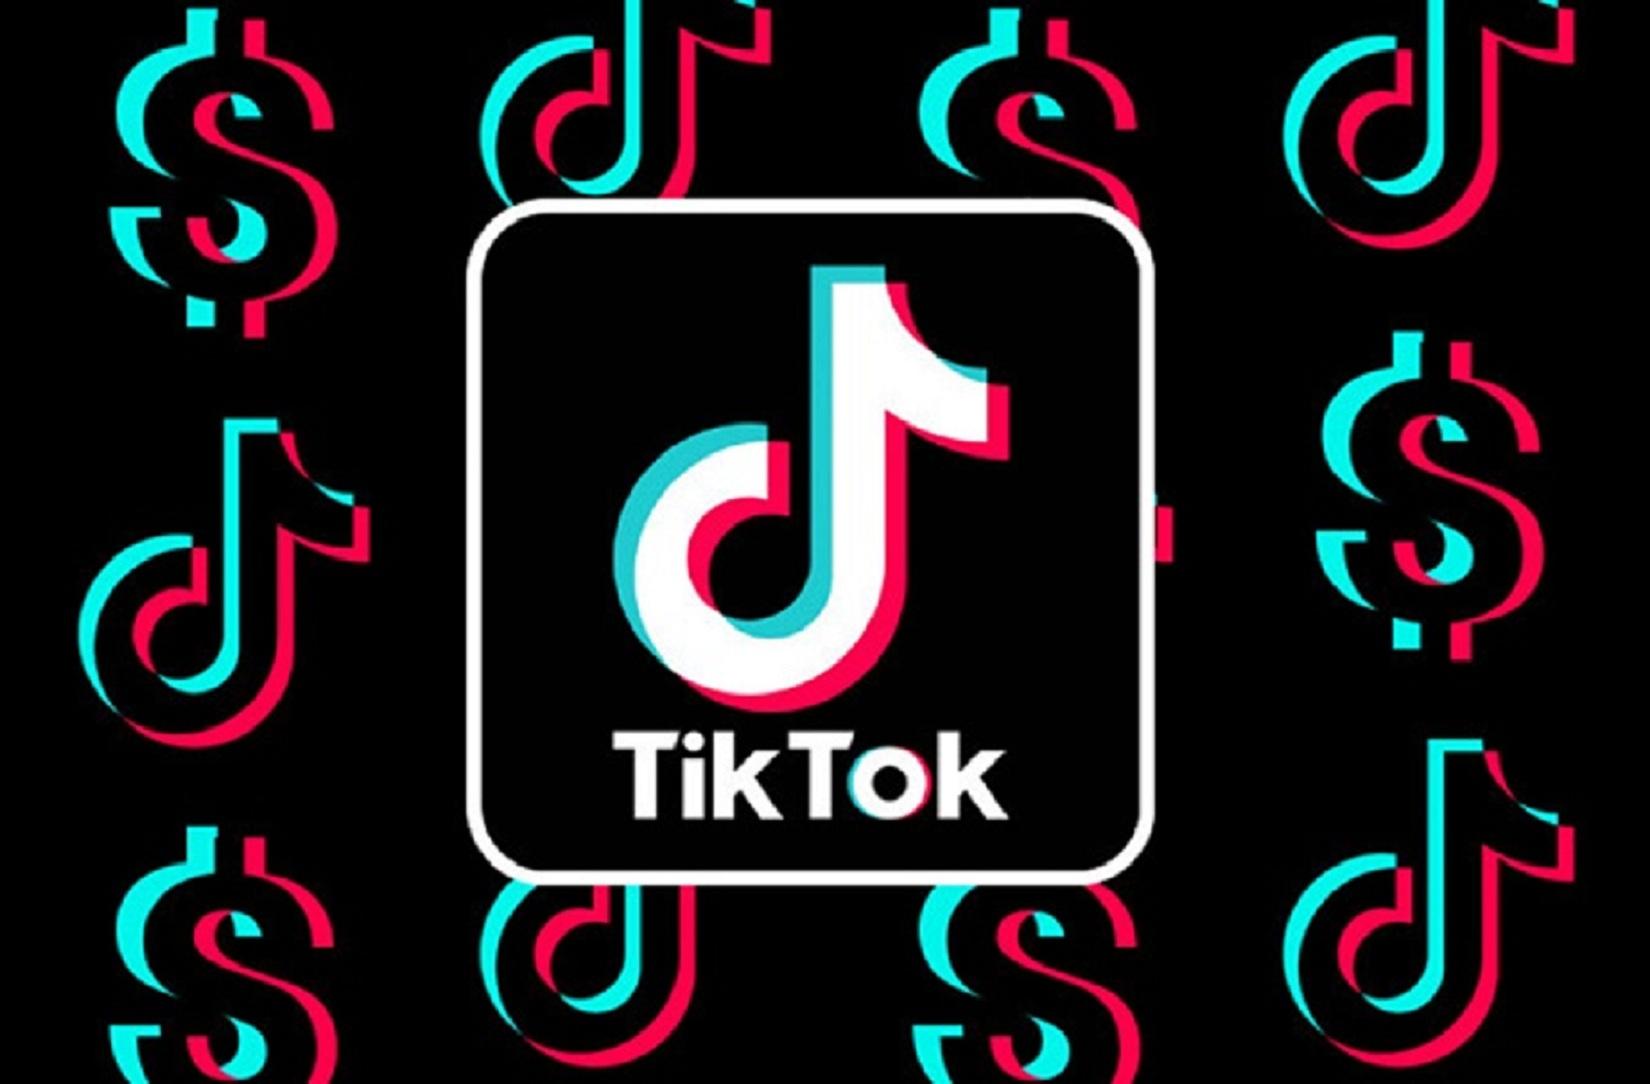 Алгоритм рекламы TikTok: первые инсайды от разработчиков